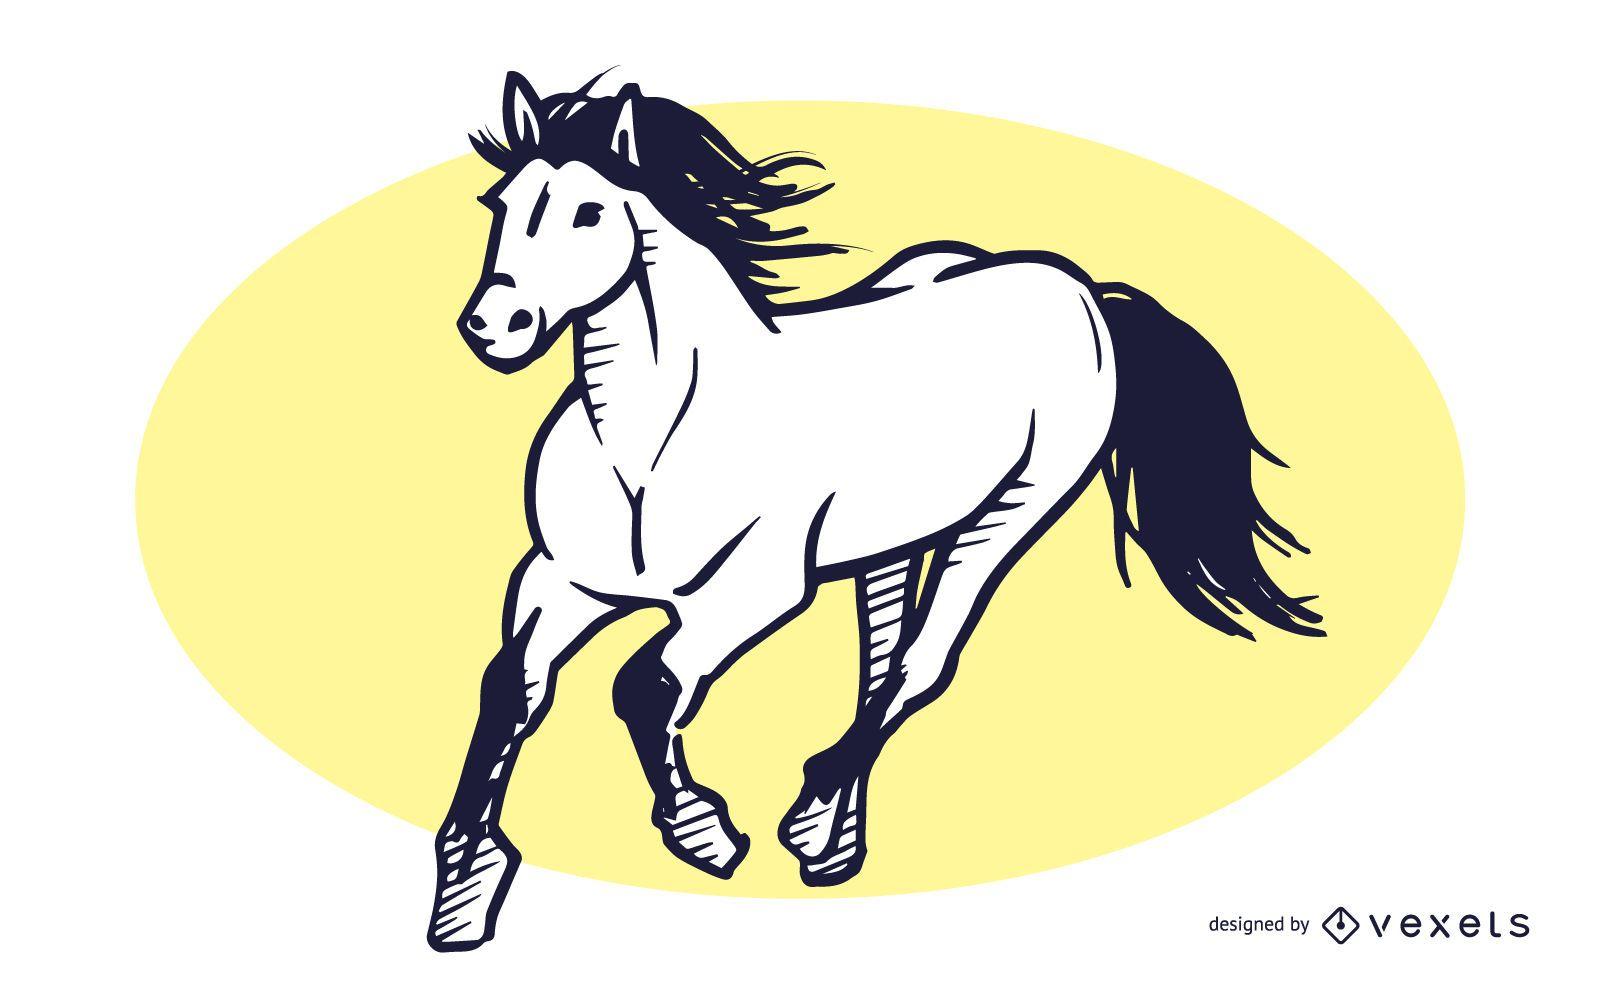 Ilustraci?n de dibujado a mano de caballo corriendo